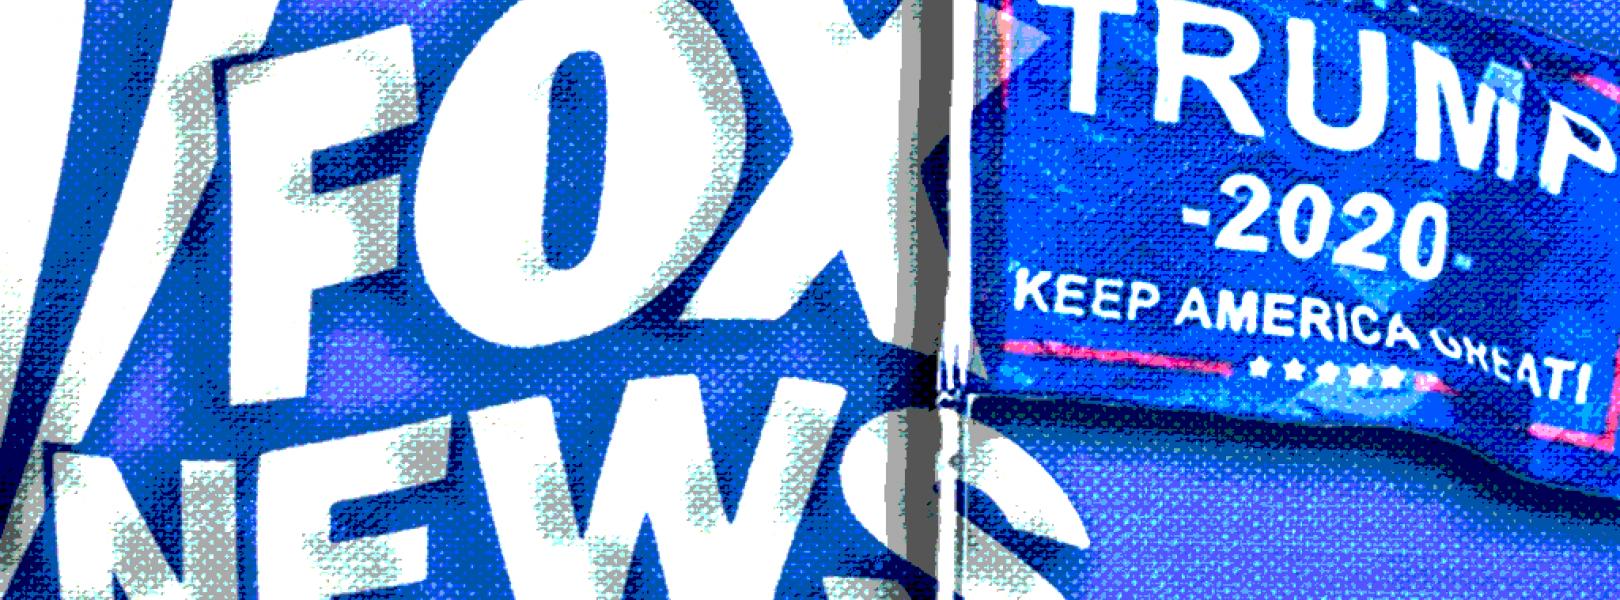 Fox News' logo and a Trump 2020 flag